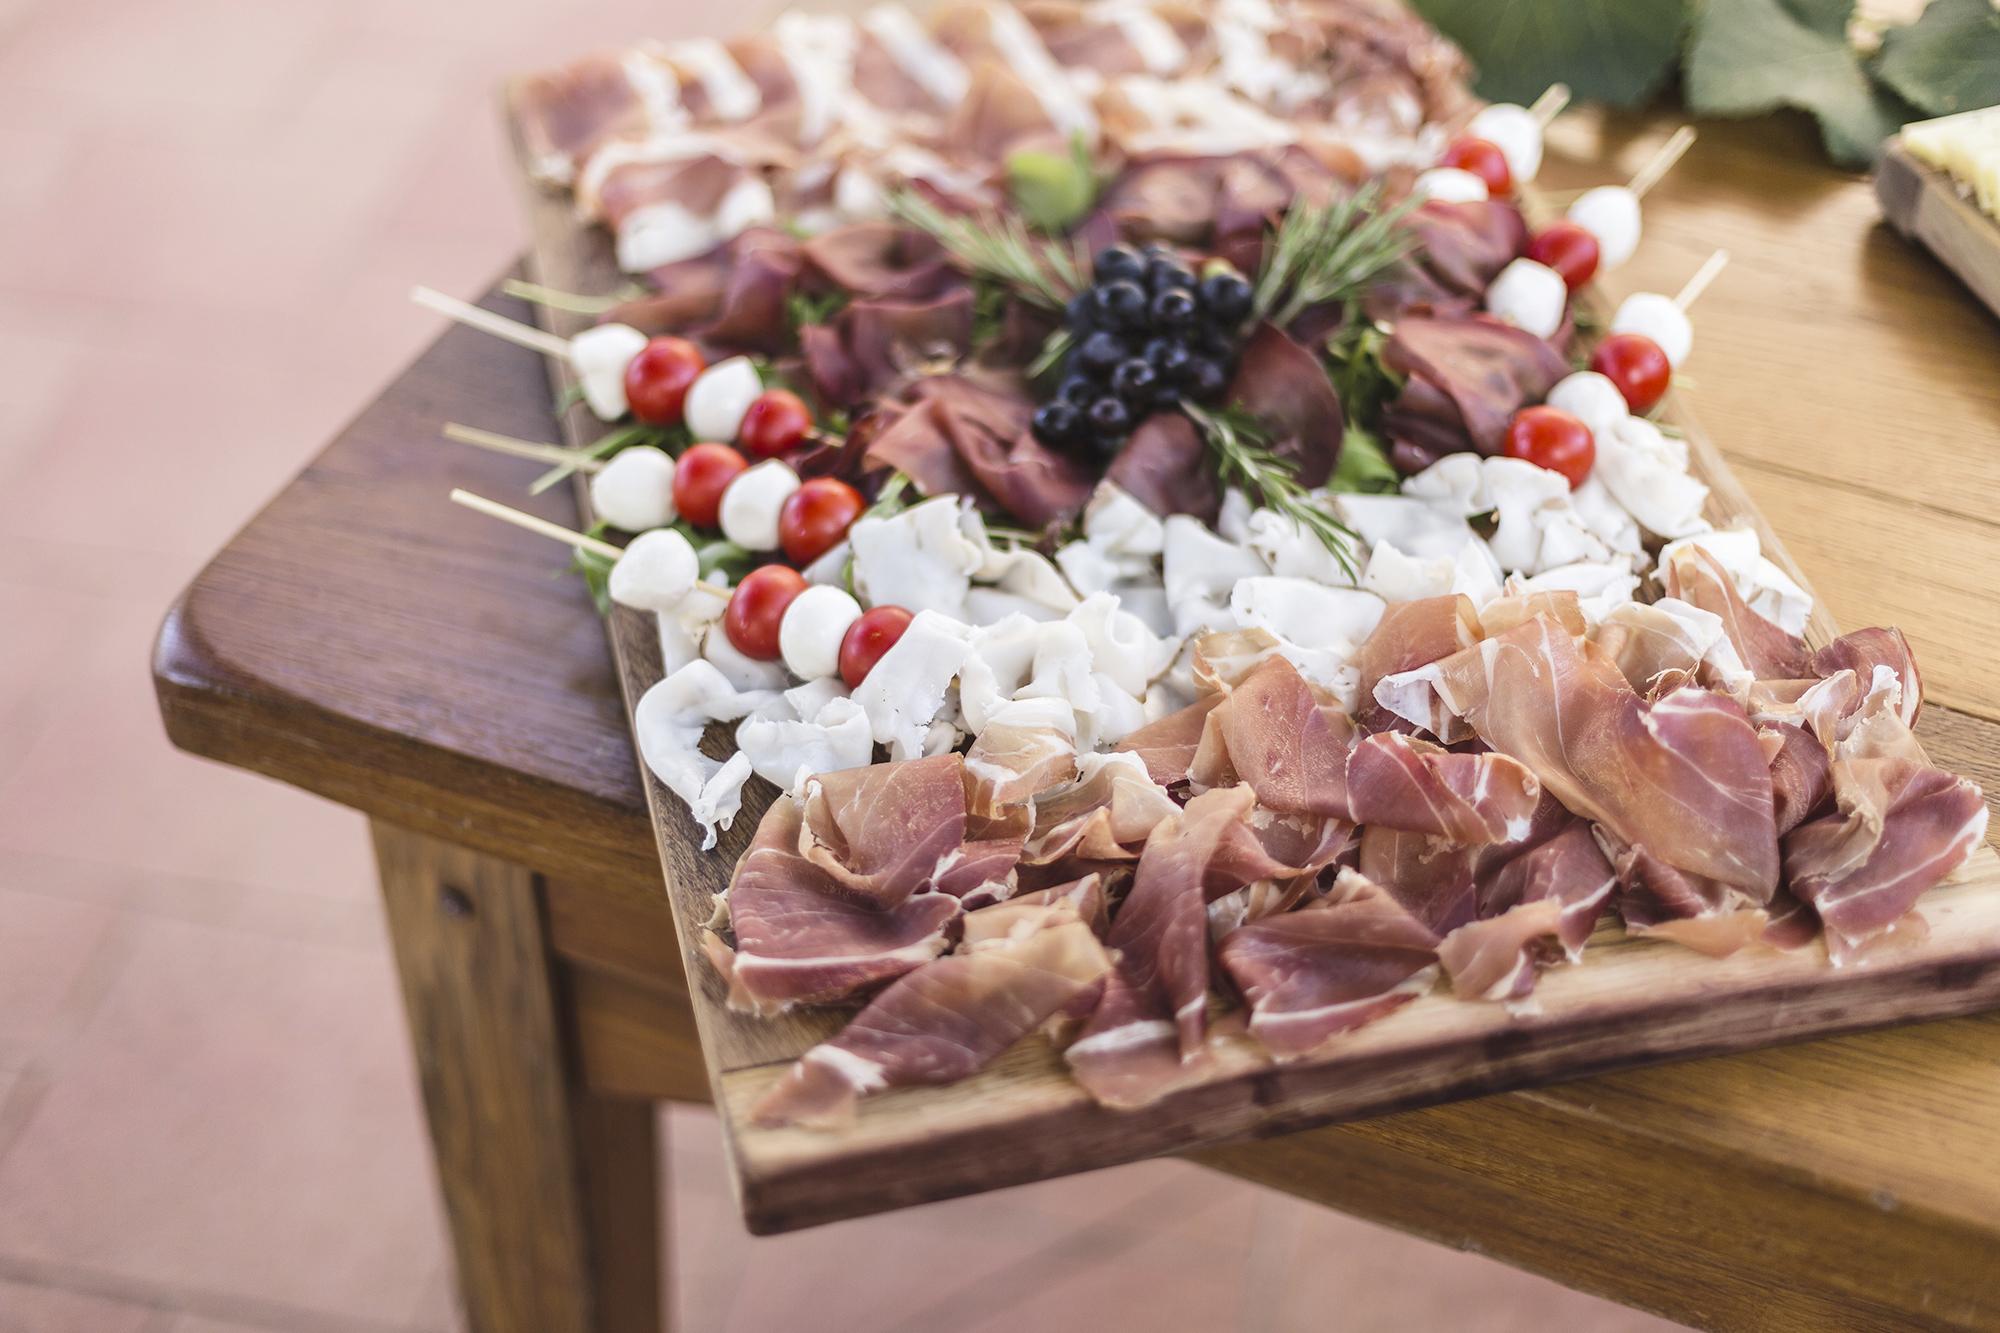 Gastronomia - Volentieri preparo aperitivi e Bio buffet con i nostri prodotti naturali, saporiti e genuini.